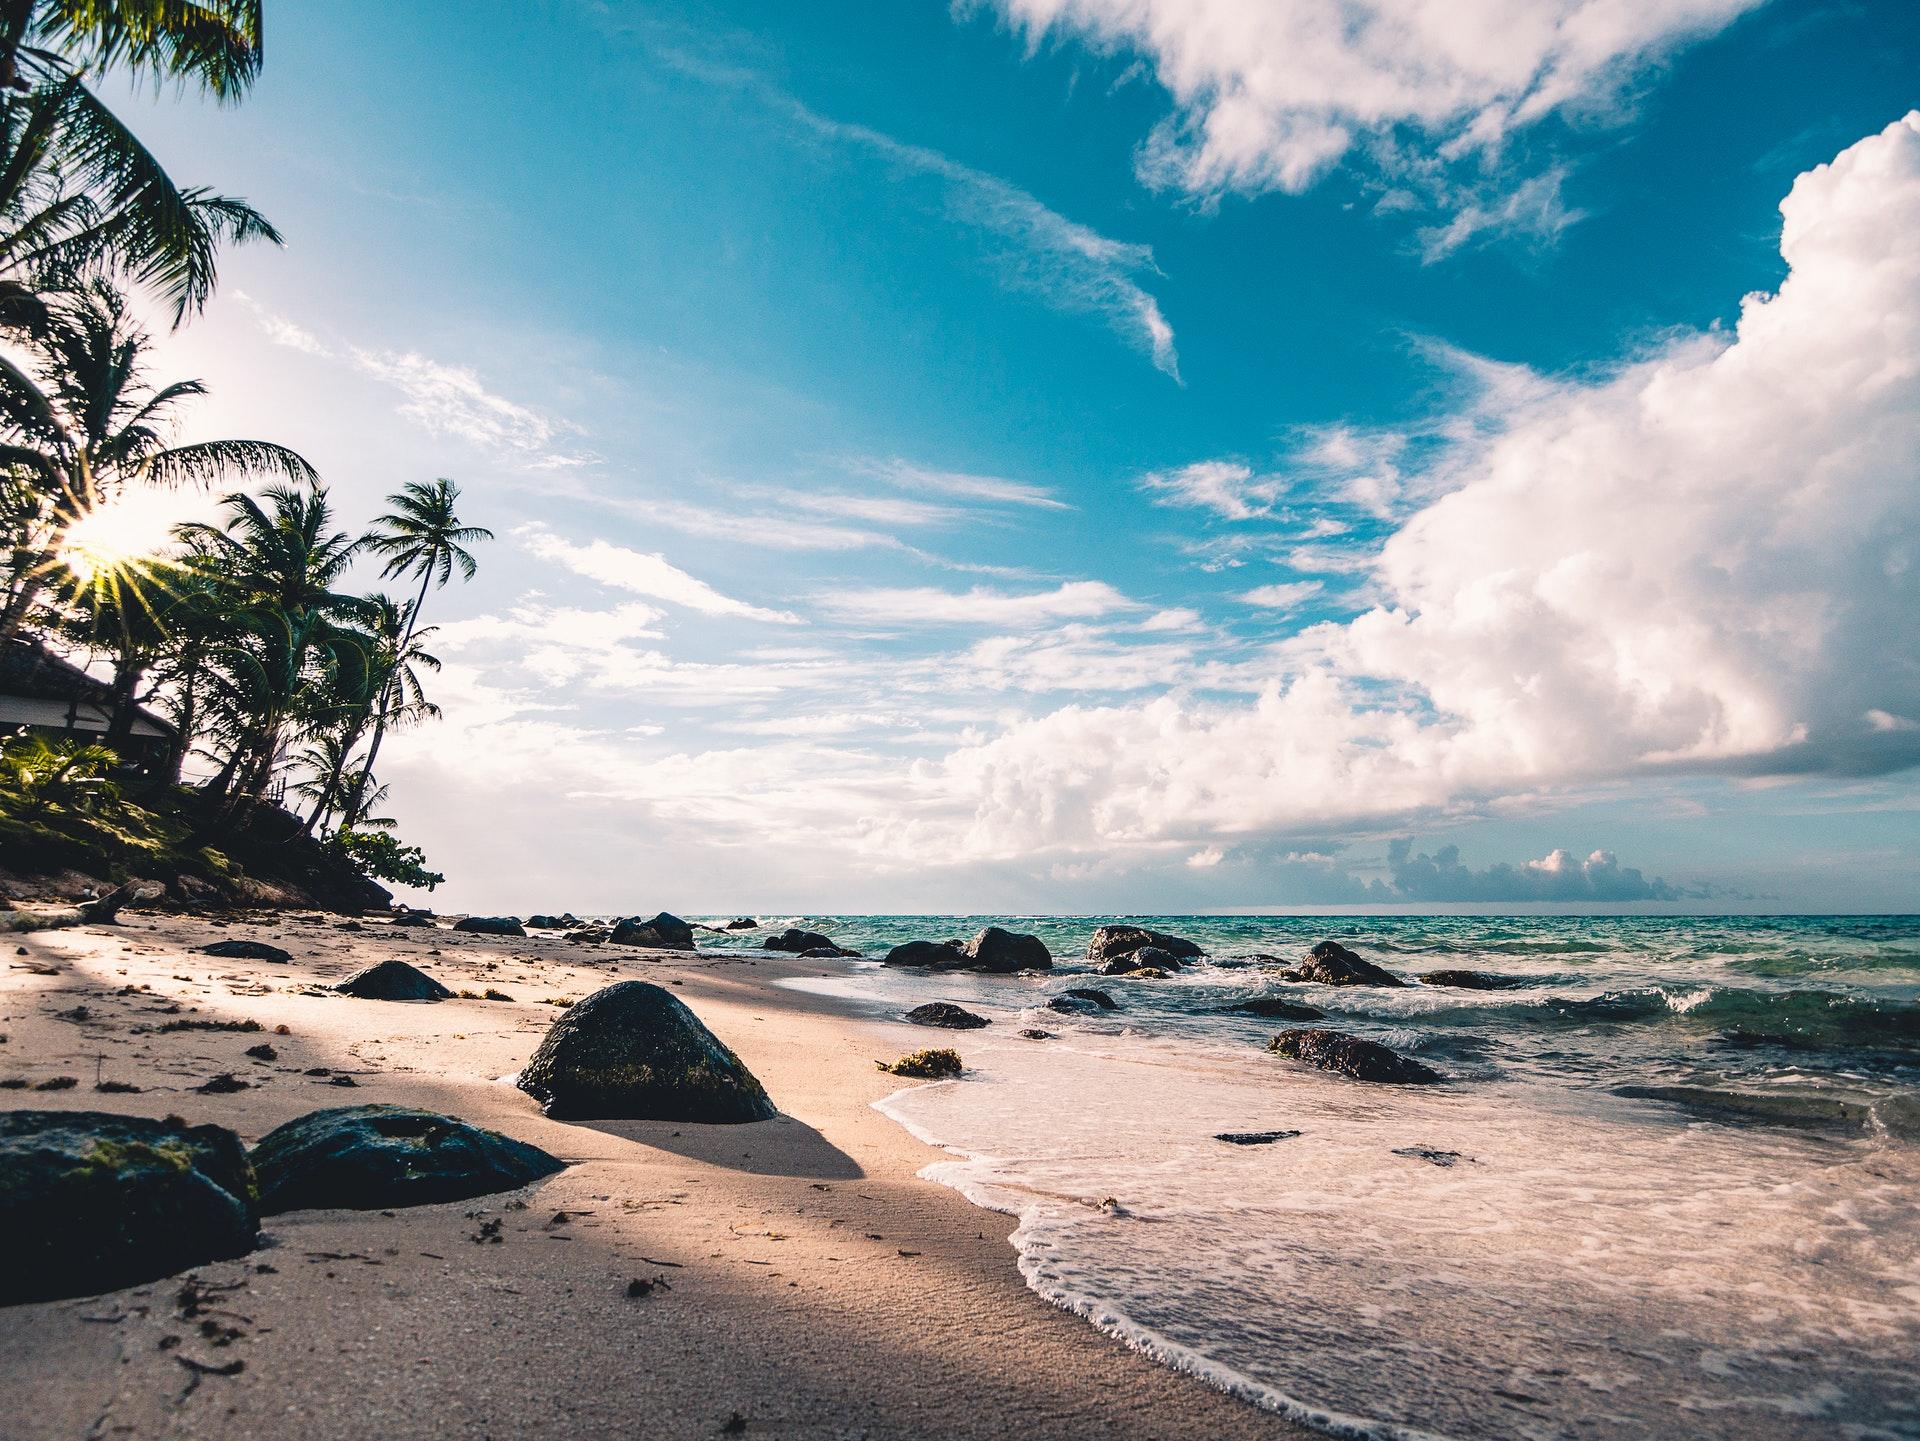 Une plage de sable fin